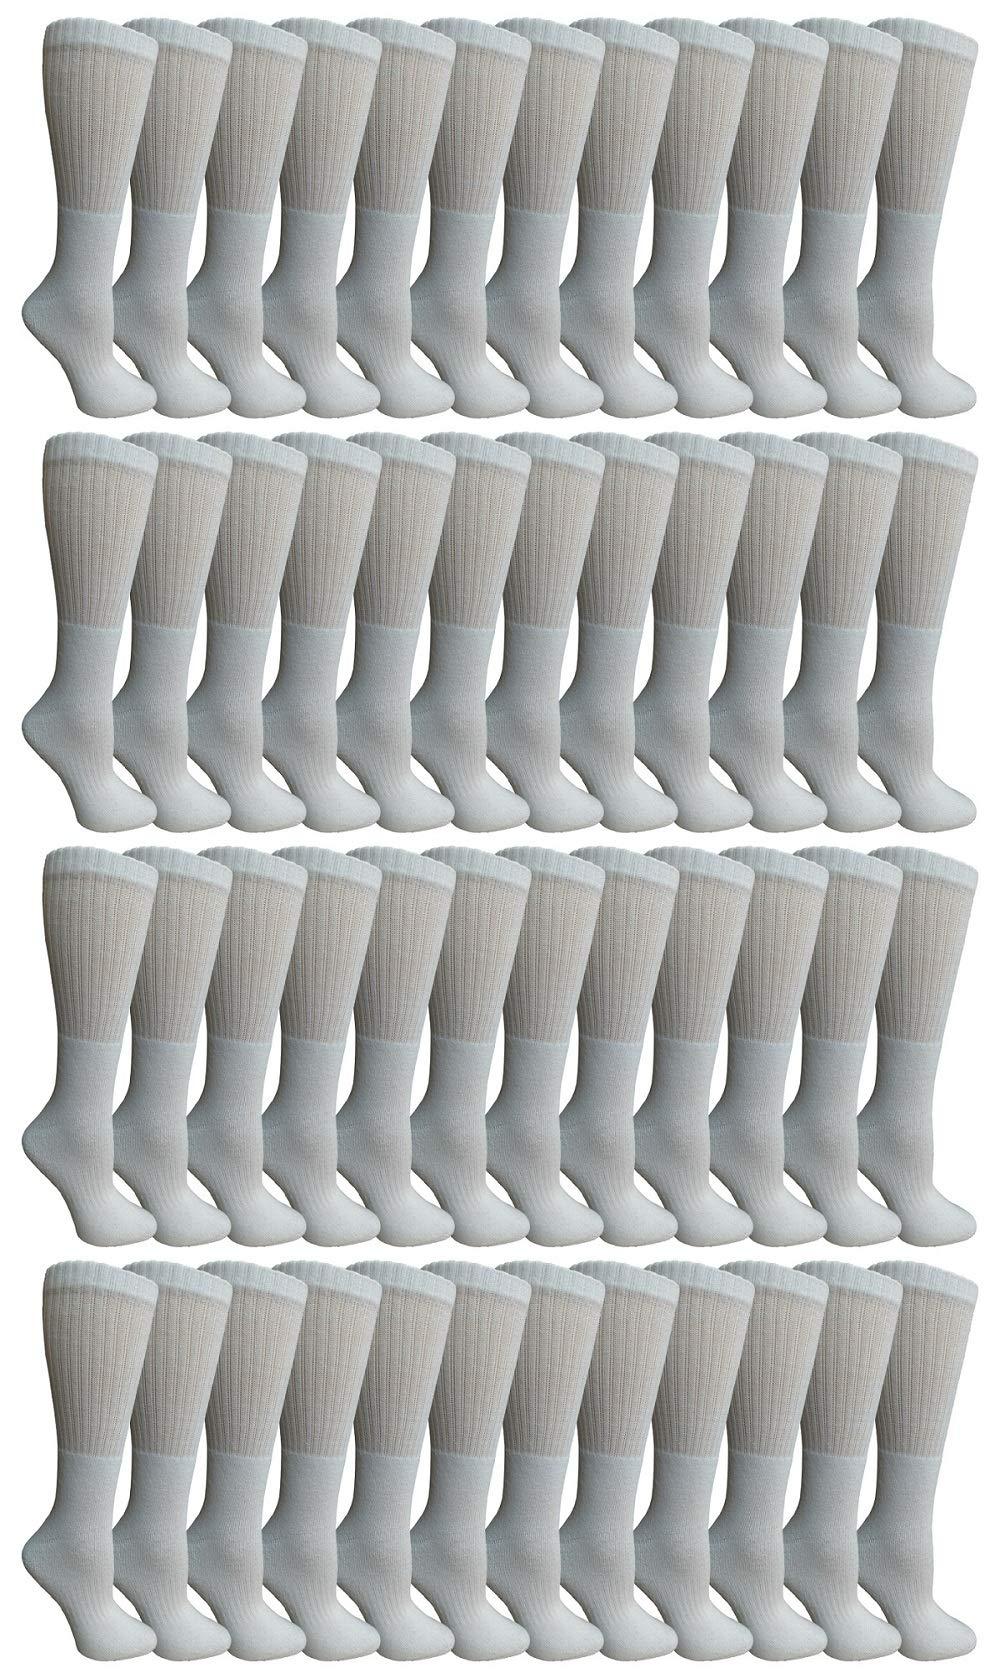 SOCKS'NBULK 60 Pairs Wholesale Bulk Sport Cotton Unisex Crew Socks, Ankle Socks, Value Deal (Womens - White Crew) by SOCKS'NBULK